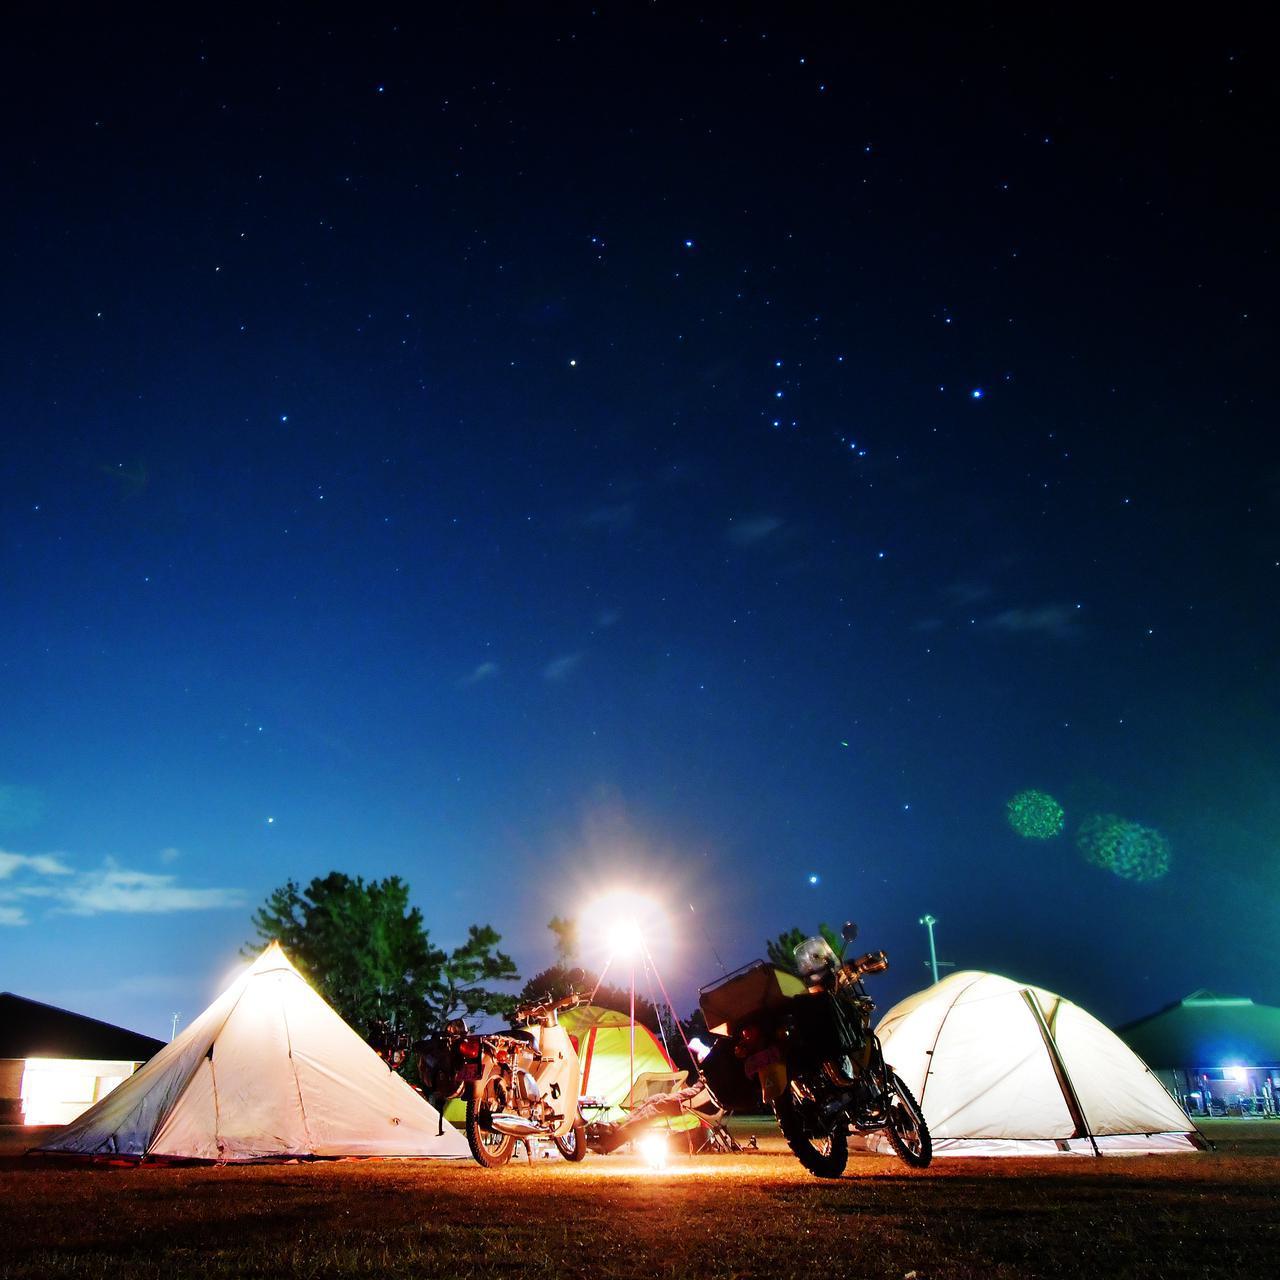 画像: キャンプの夜は星景撮影が楽しいよ。デジイチやGoProでの星の撮り方とか道具、便利なアプリを紹介するぞ。 - webオートバイ